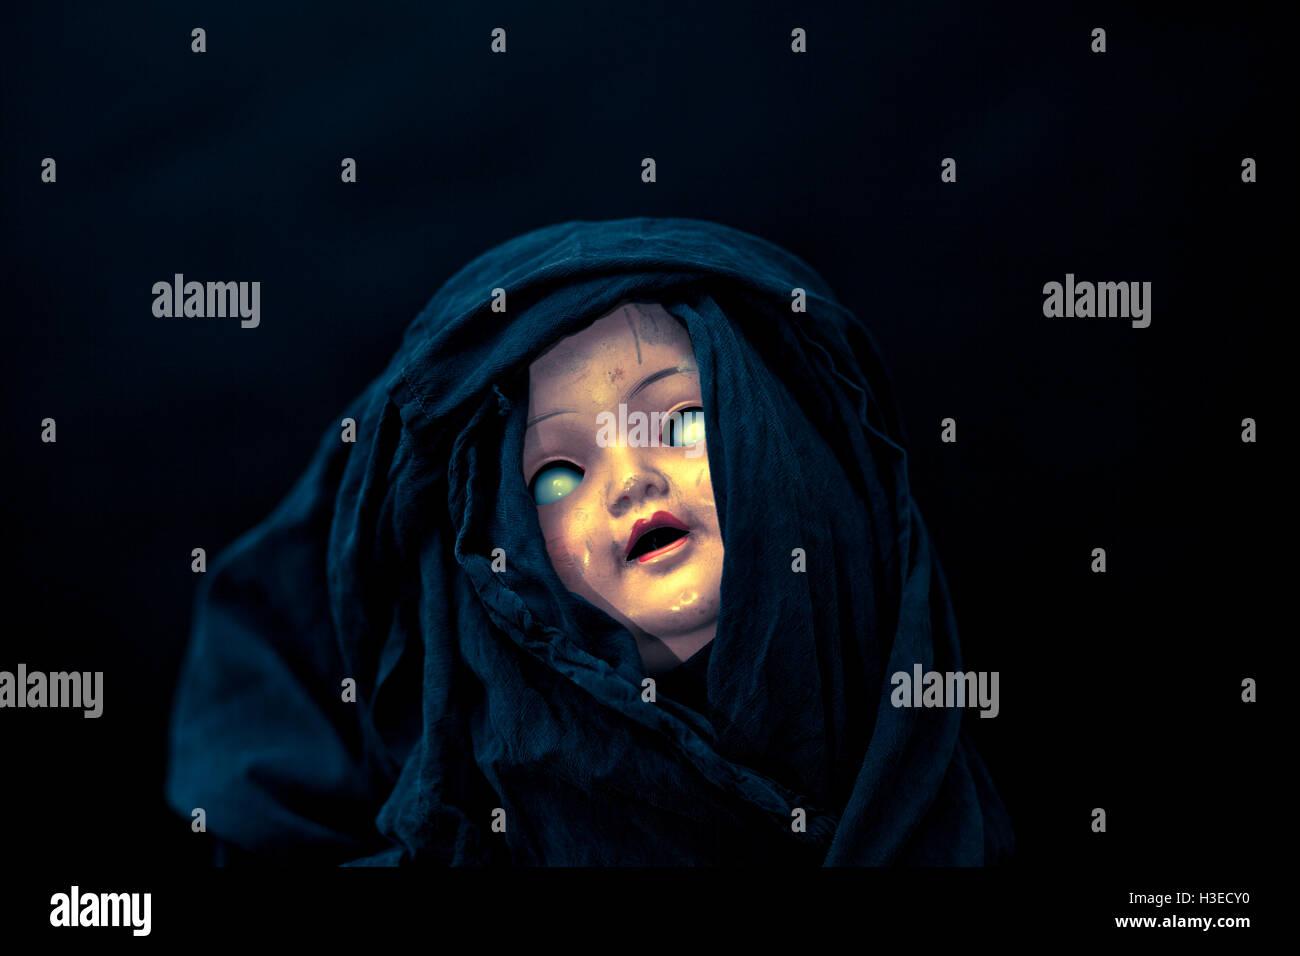 Creepy Doll Face Imagen De Stock